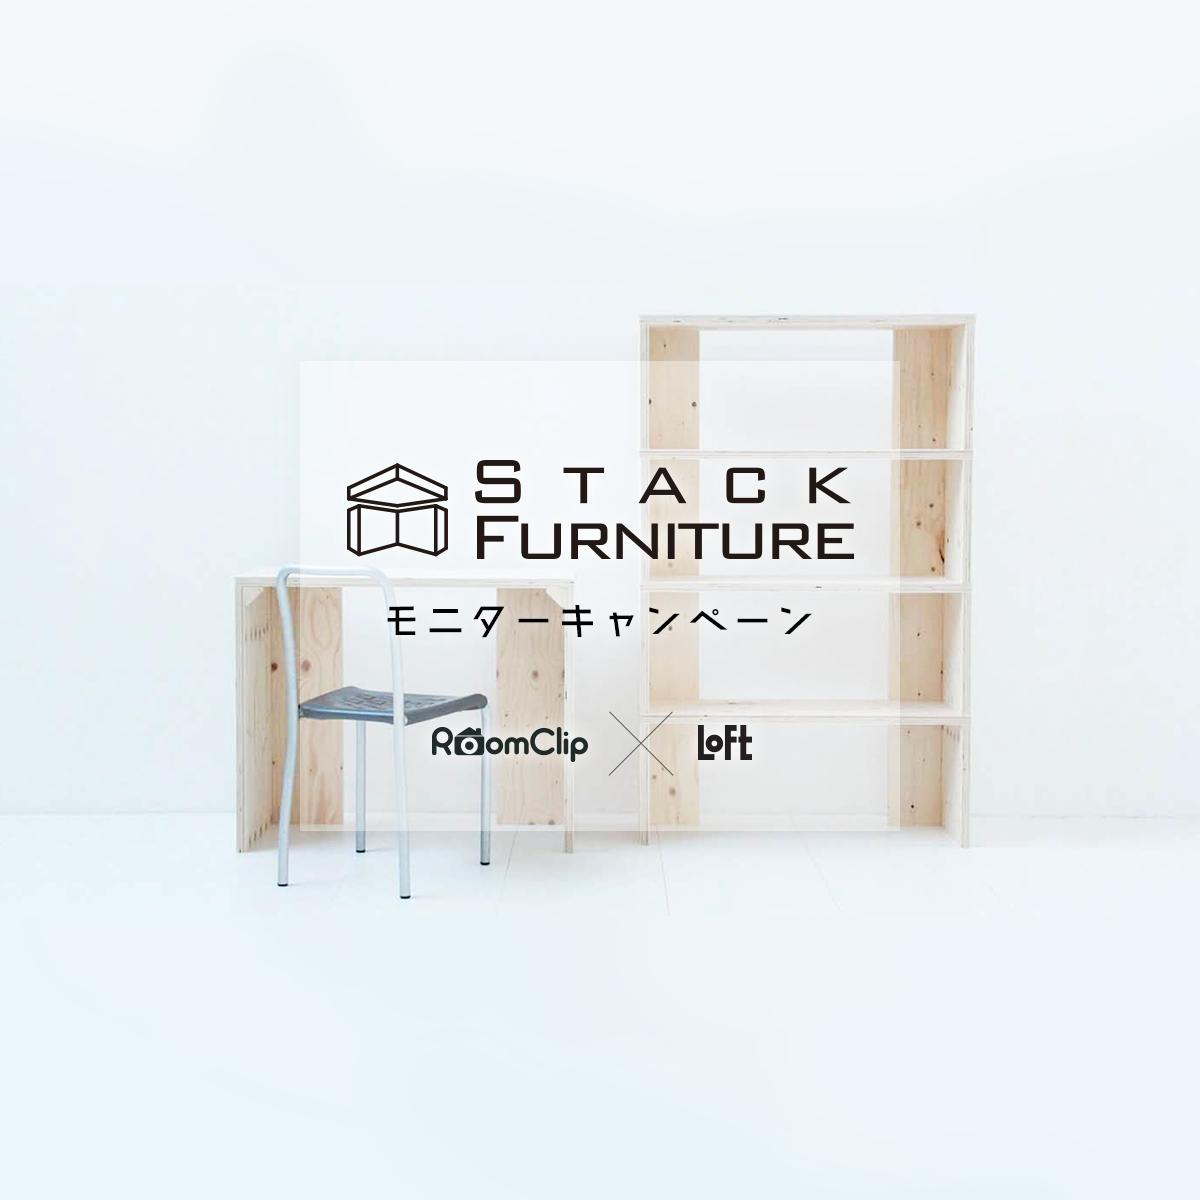 【RoomClip×LoFt 無料モニター募集!】LoFtが新しく発売するDIY家具を素敵に使ってくれるユーザーさん大募集!